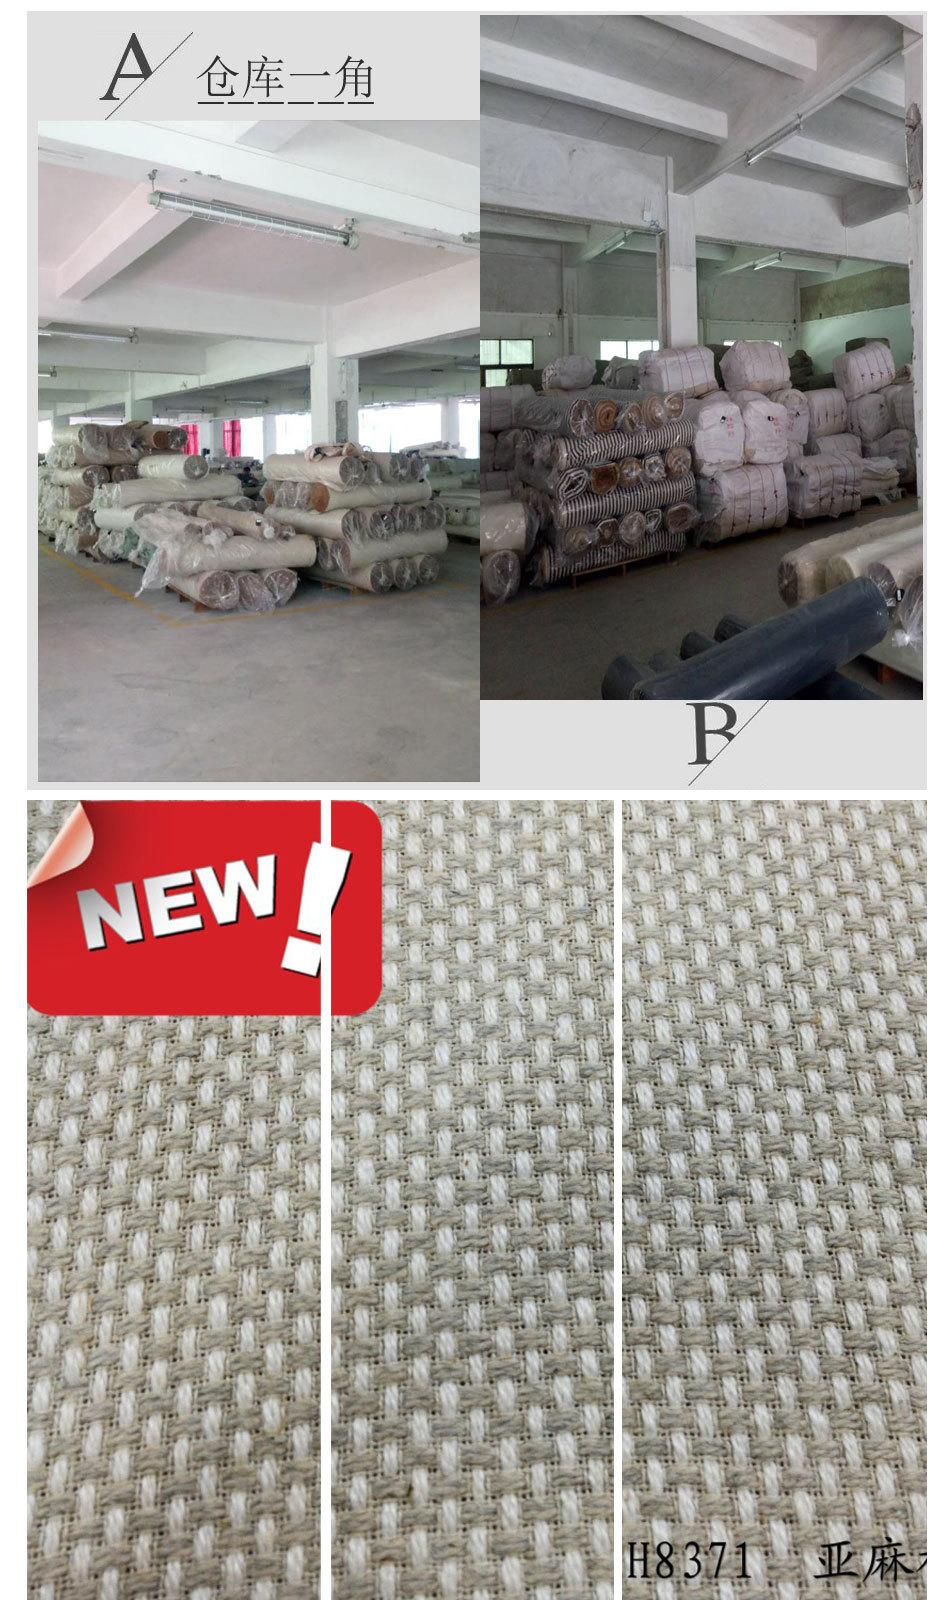 Vải Hemp mộc Vải xám phủ vải sợi len len len sợi vải sợi vải mê - lanh có thể được dùng làm vải sofa